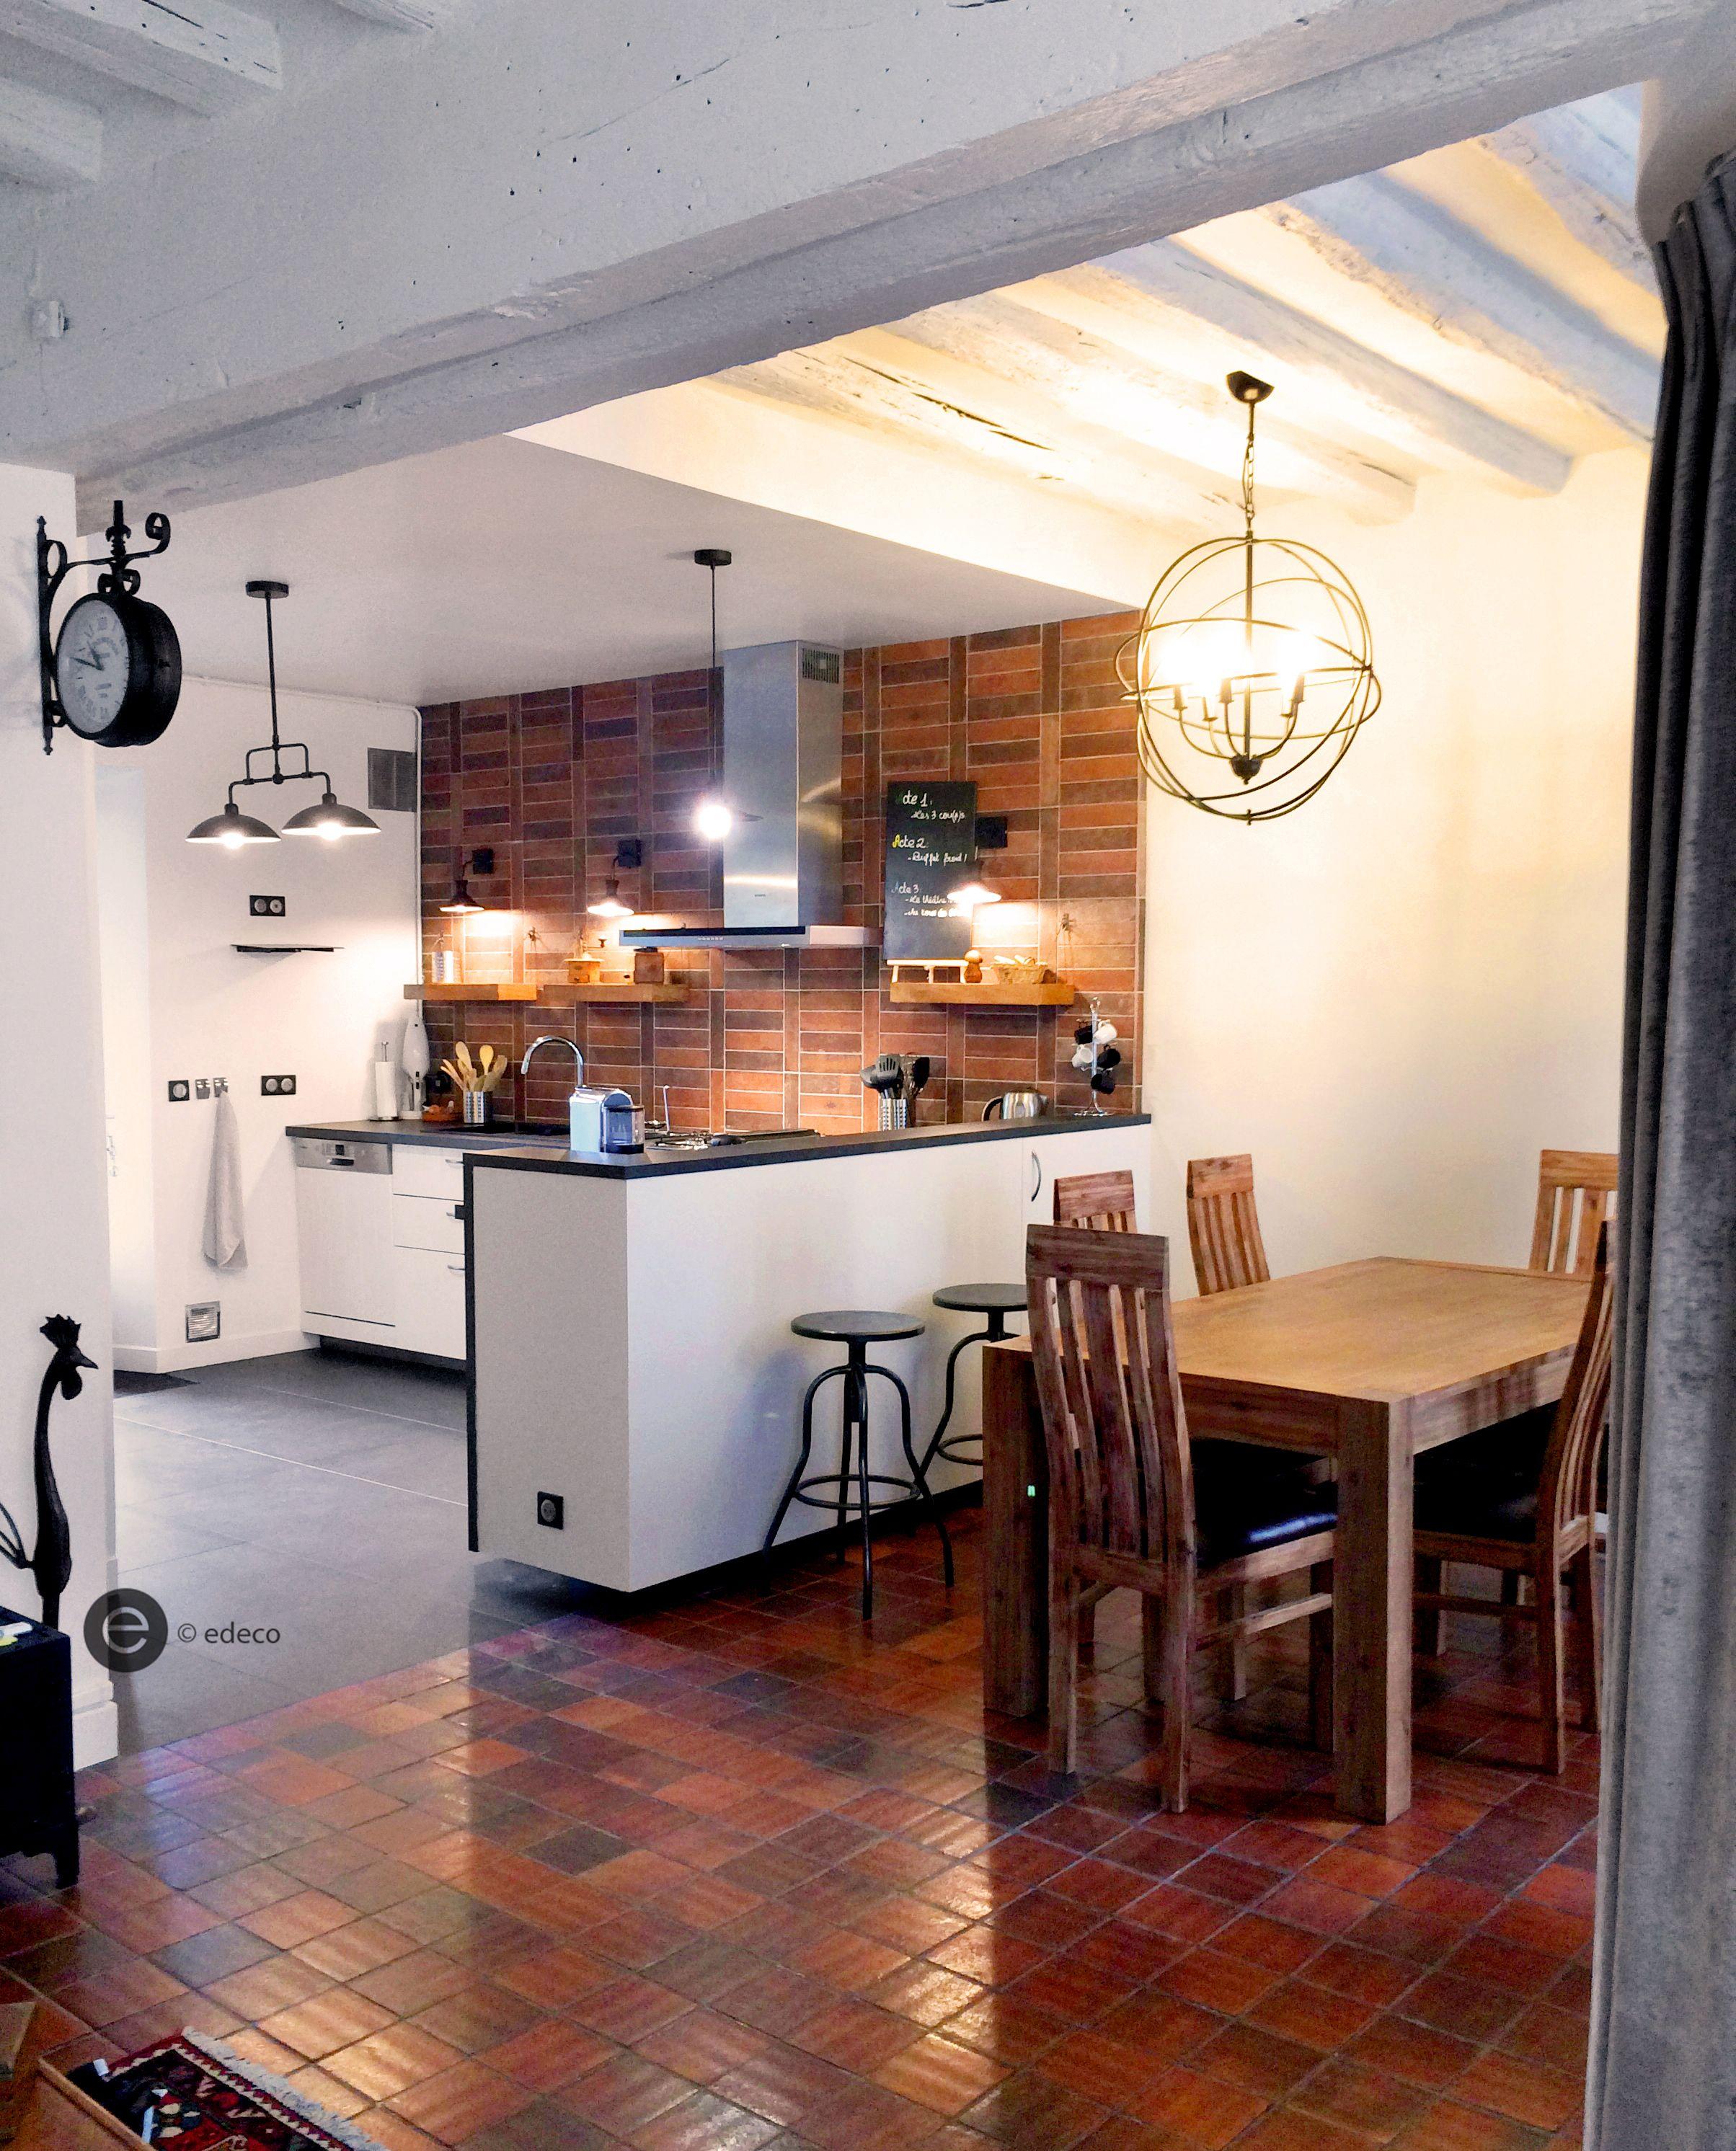 cuisine ouverte avec mur en brique